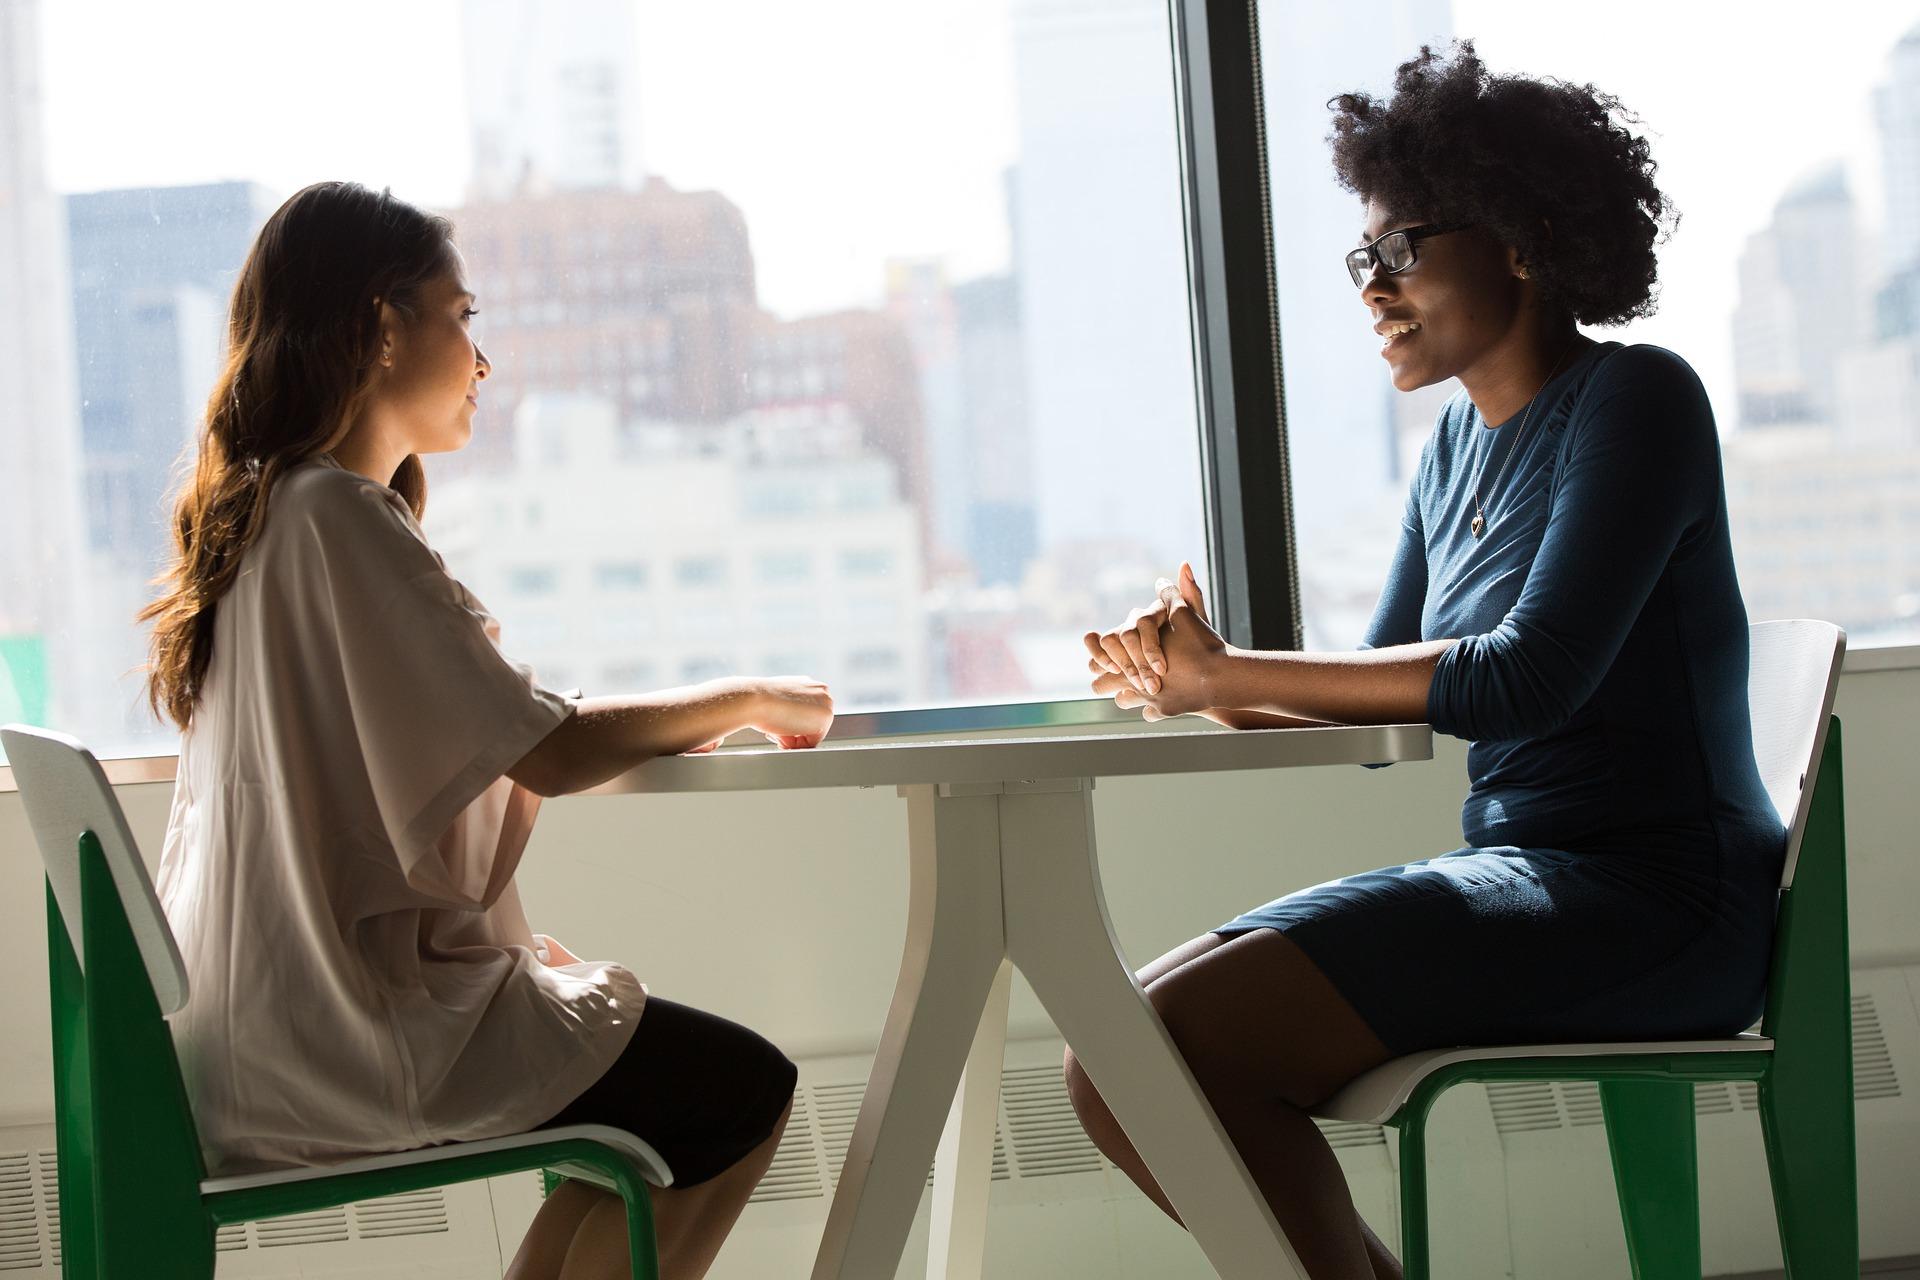 Abogado de Divorcio explica los 5 Mitos Principales del Divorcio